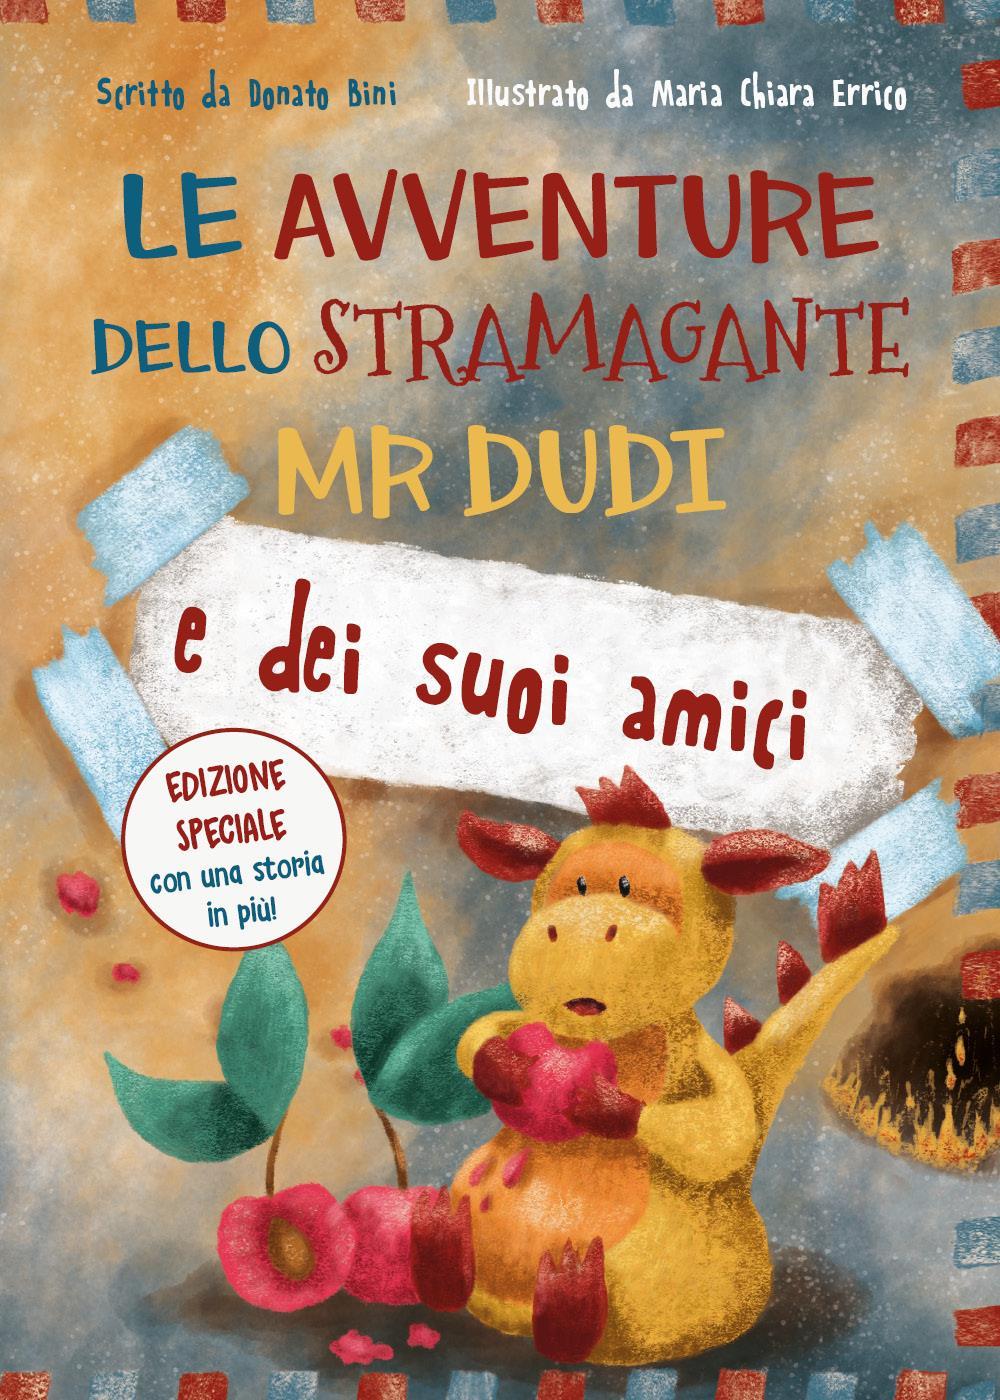 Le avventure dello Stramagante Mr Dudi e dei suoi amici